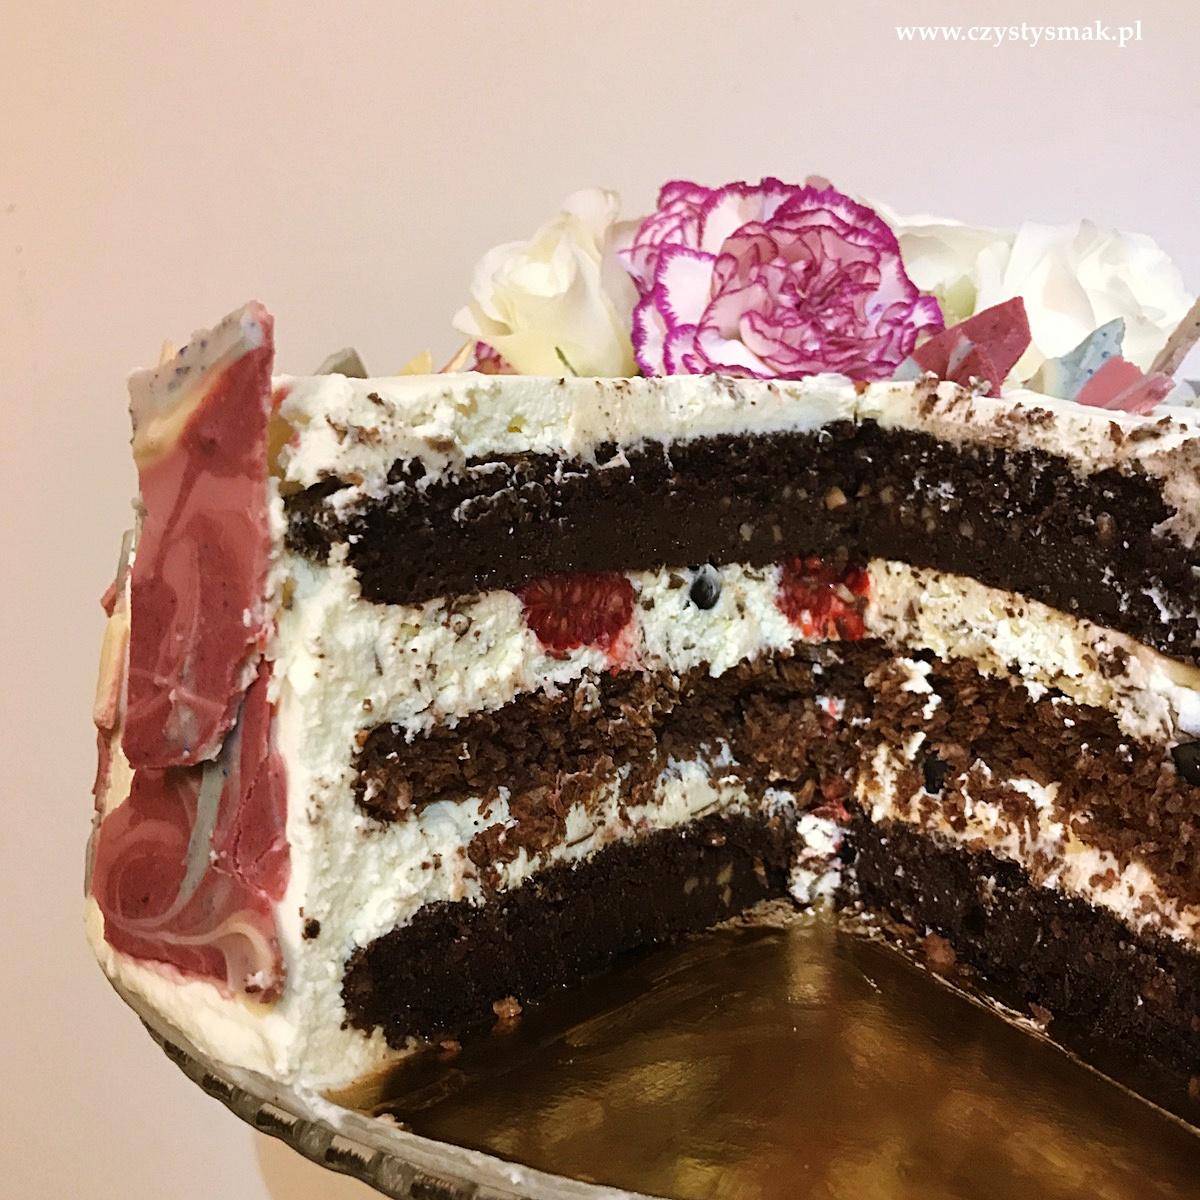 Ozdoby do tortu bez sztucznych barwników